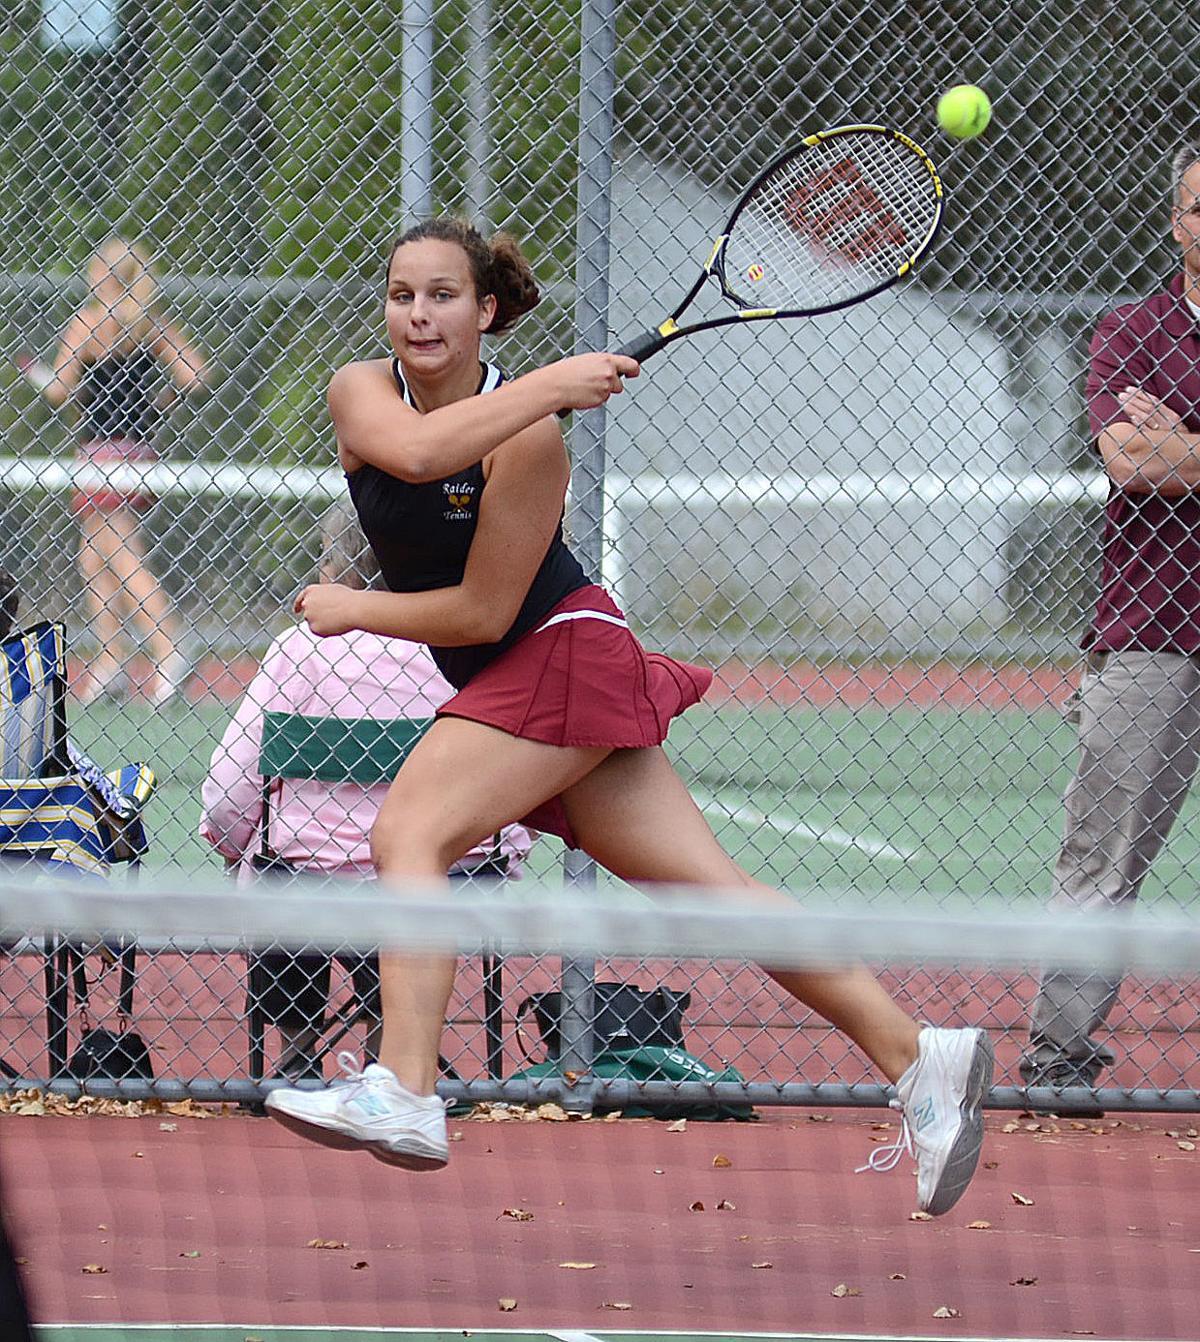 south prairie senior singles Class 2a singles champion wed  dubuque senior 6-4 5-7 1-0  cedar rapids prairie 0.